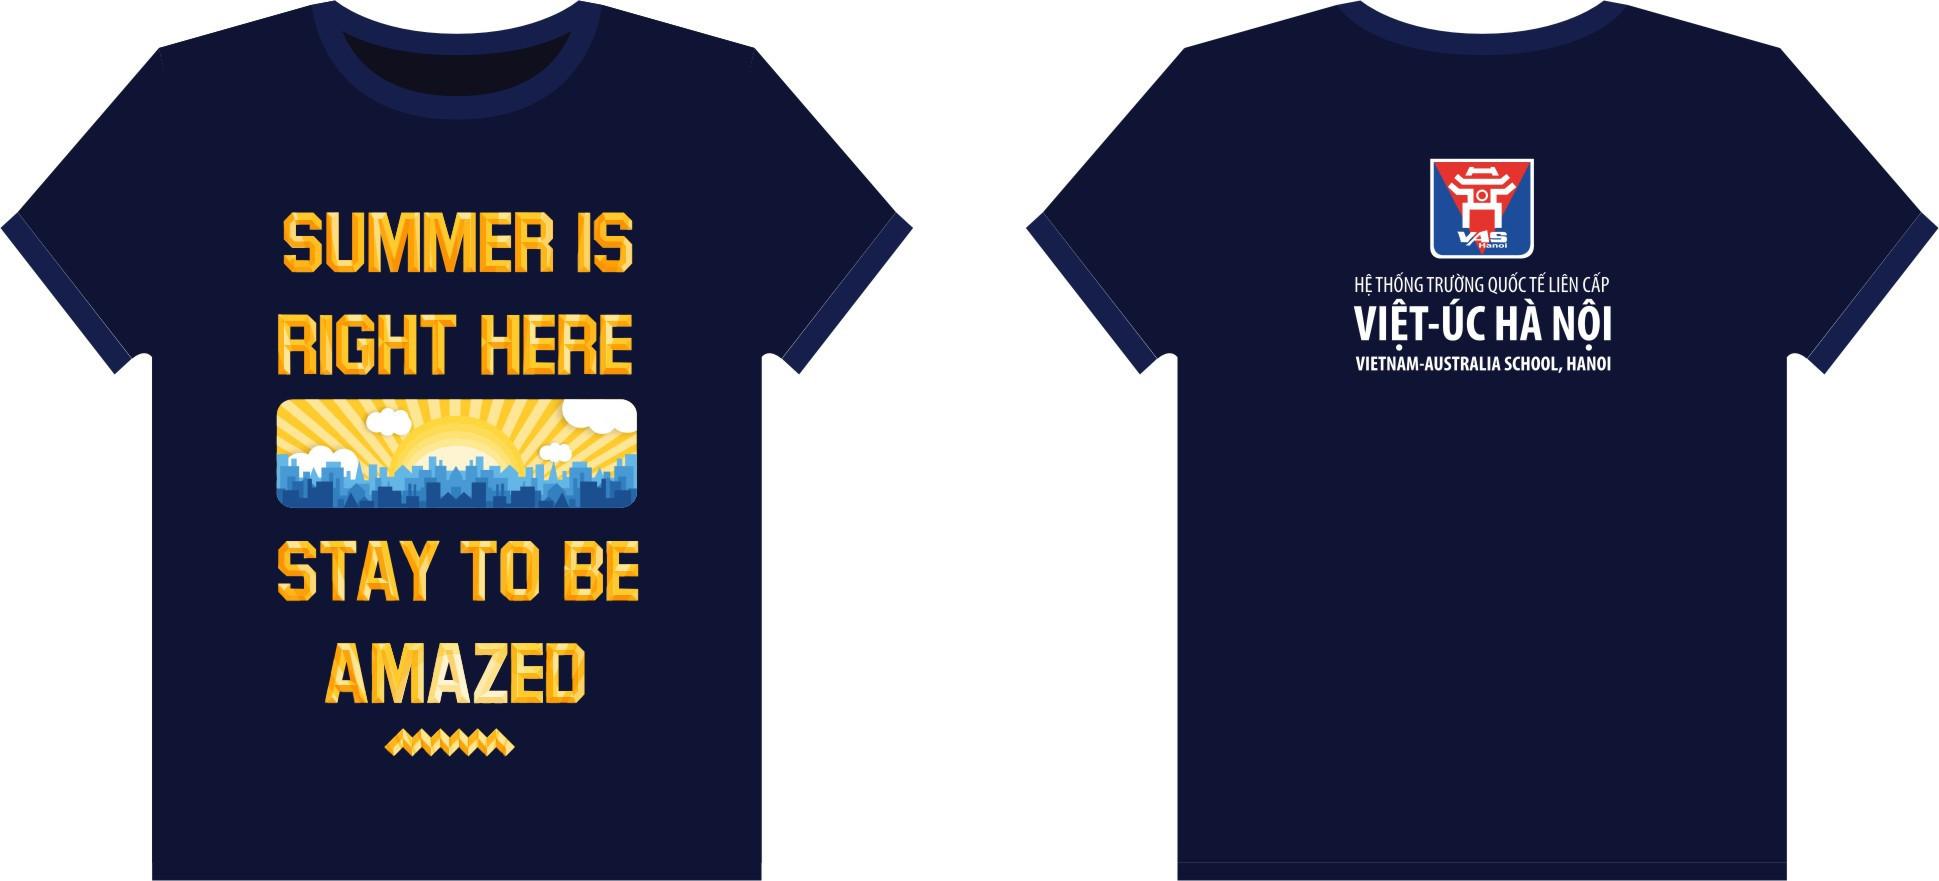 AL26: Đồng phục – Áo lớp trường quốc tế liên cấp Việt-Úc Hà Nội0